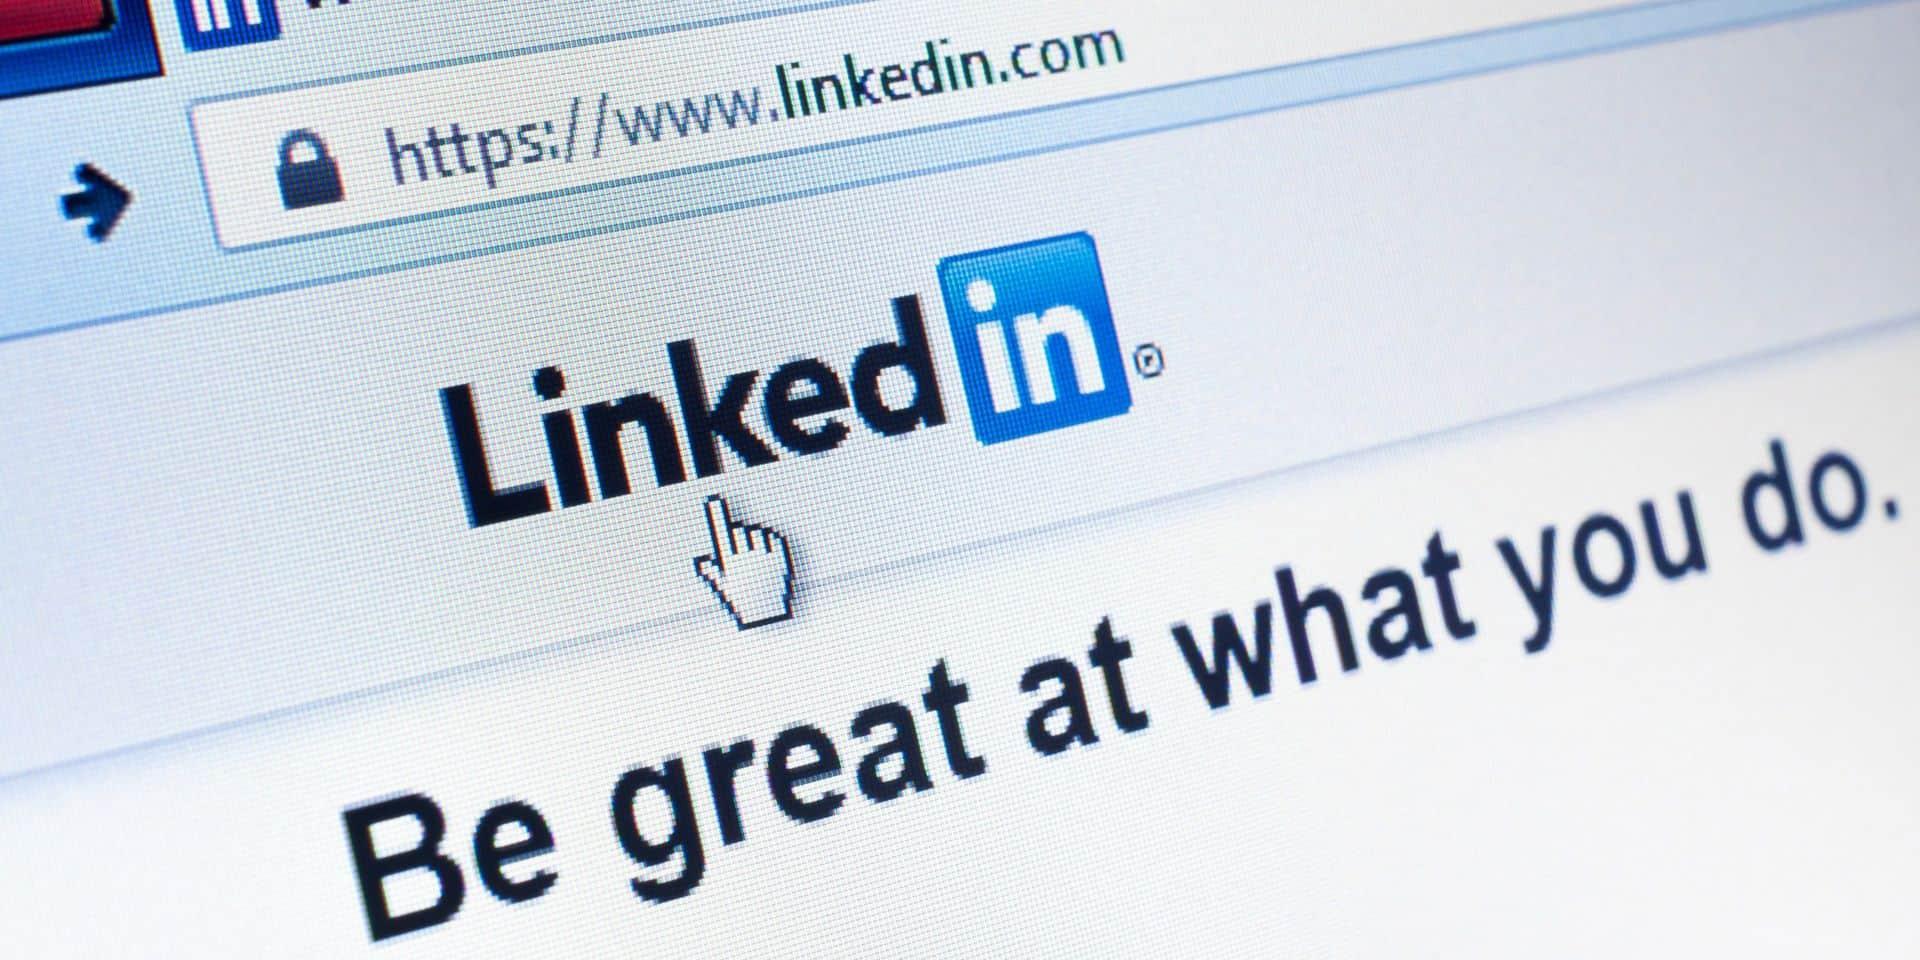 """Si votre poste s'intitule """"Web project manager"""" sur LinkedIn, le fichier .zip malveillant va s'appeler """"Web project manager position""""."""